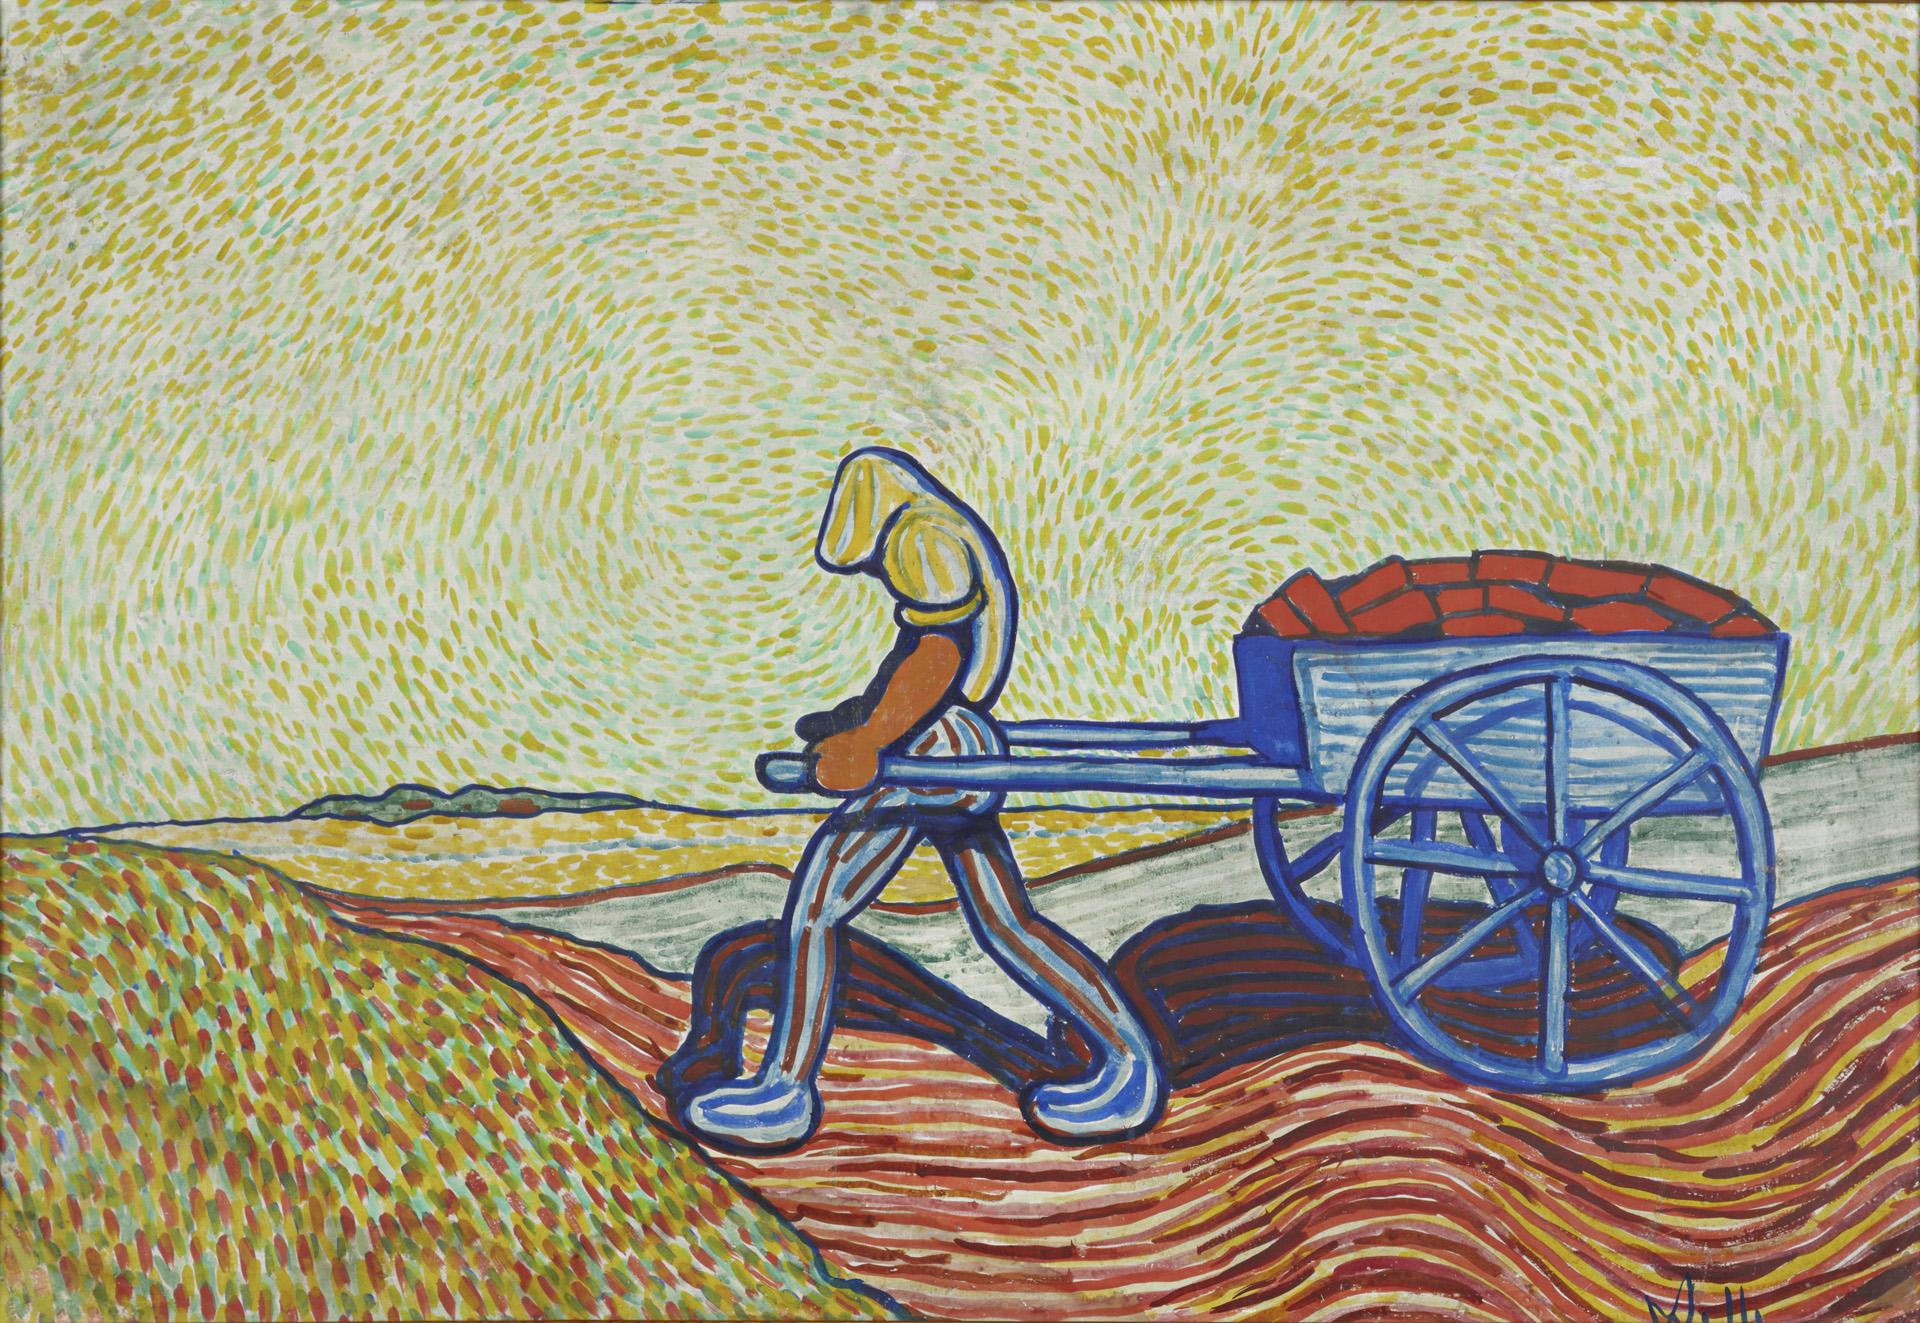 Wilhelm Morgner, Ziegelbäcker mit Karre, 1911 Leimfarben auf Pappe, 80 x 119 cm Kunstmuseum Wilhelm-Morgner-Haus, Soest Foto: Thomas Drebusch